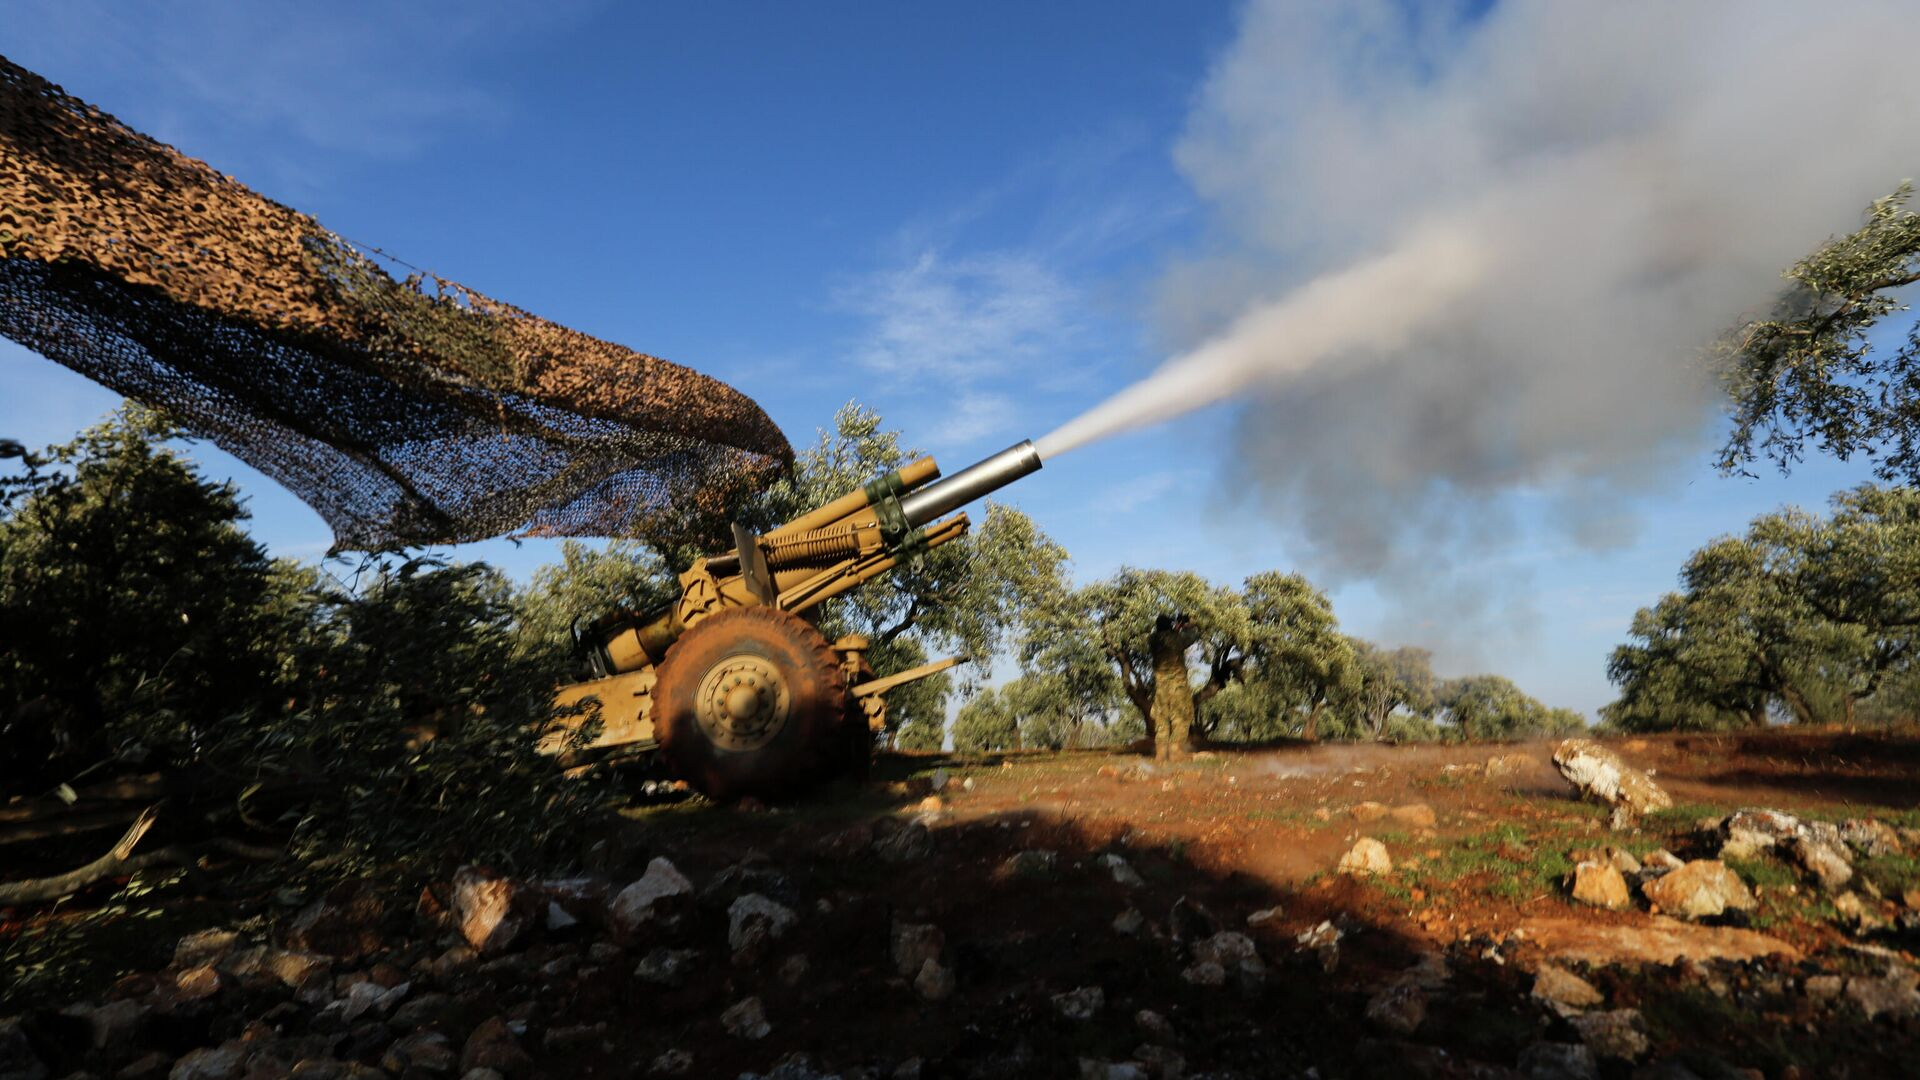 Боевики, поддерживаемые Турцией, ведут обстрел сирийских правительственных сил в провинции Идлиб - РИА Новости, 1920, 06.06.2021